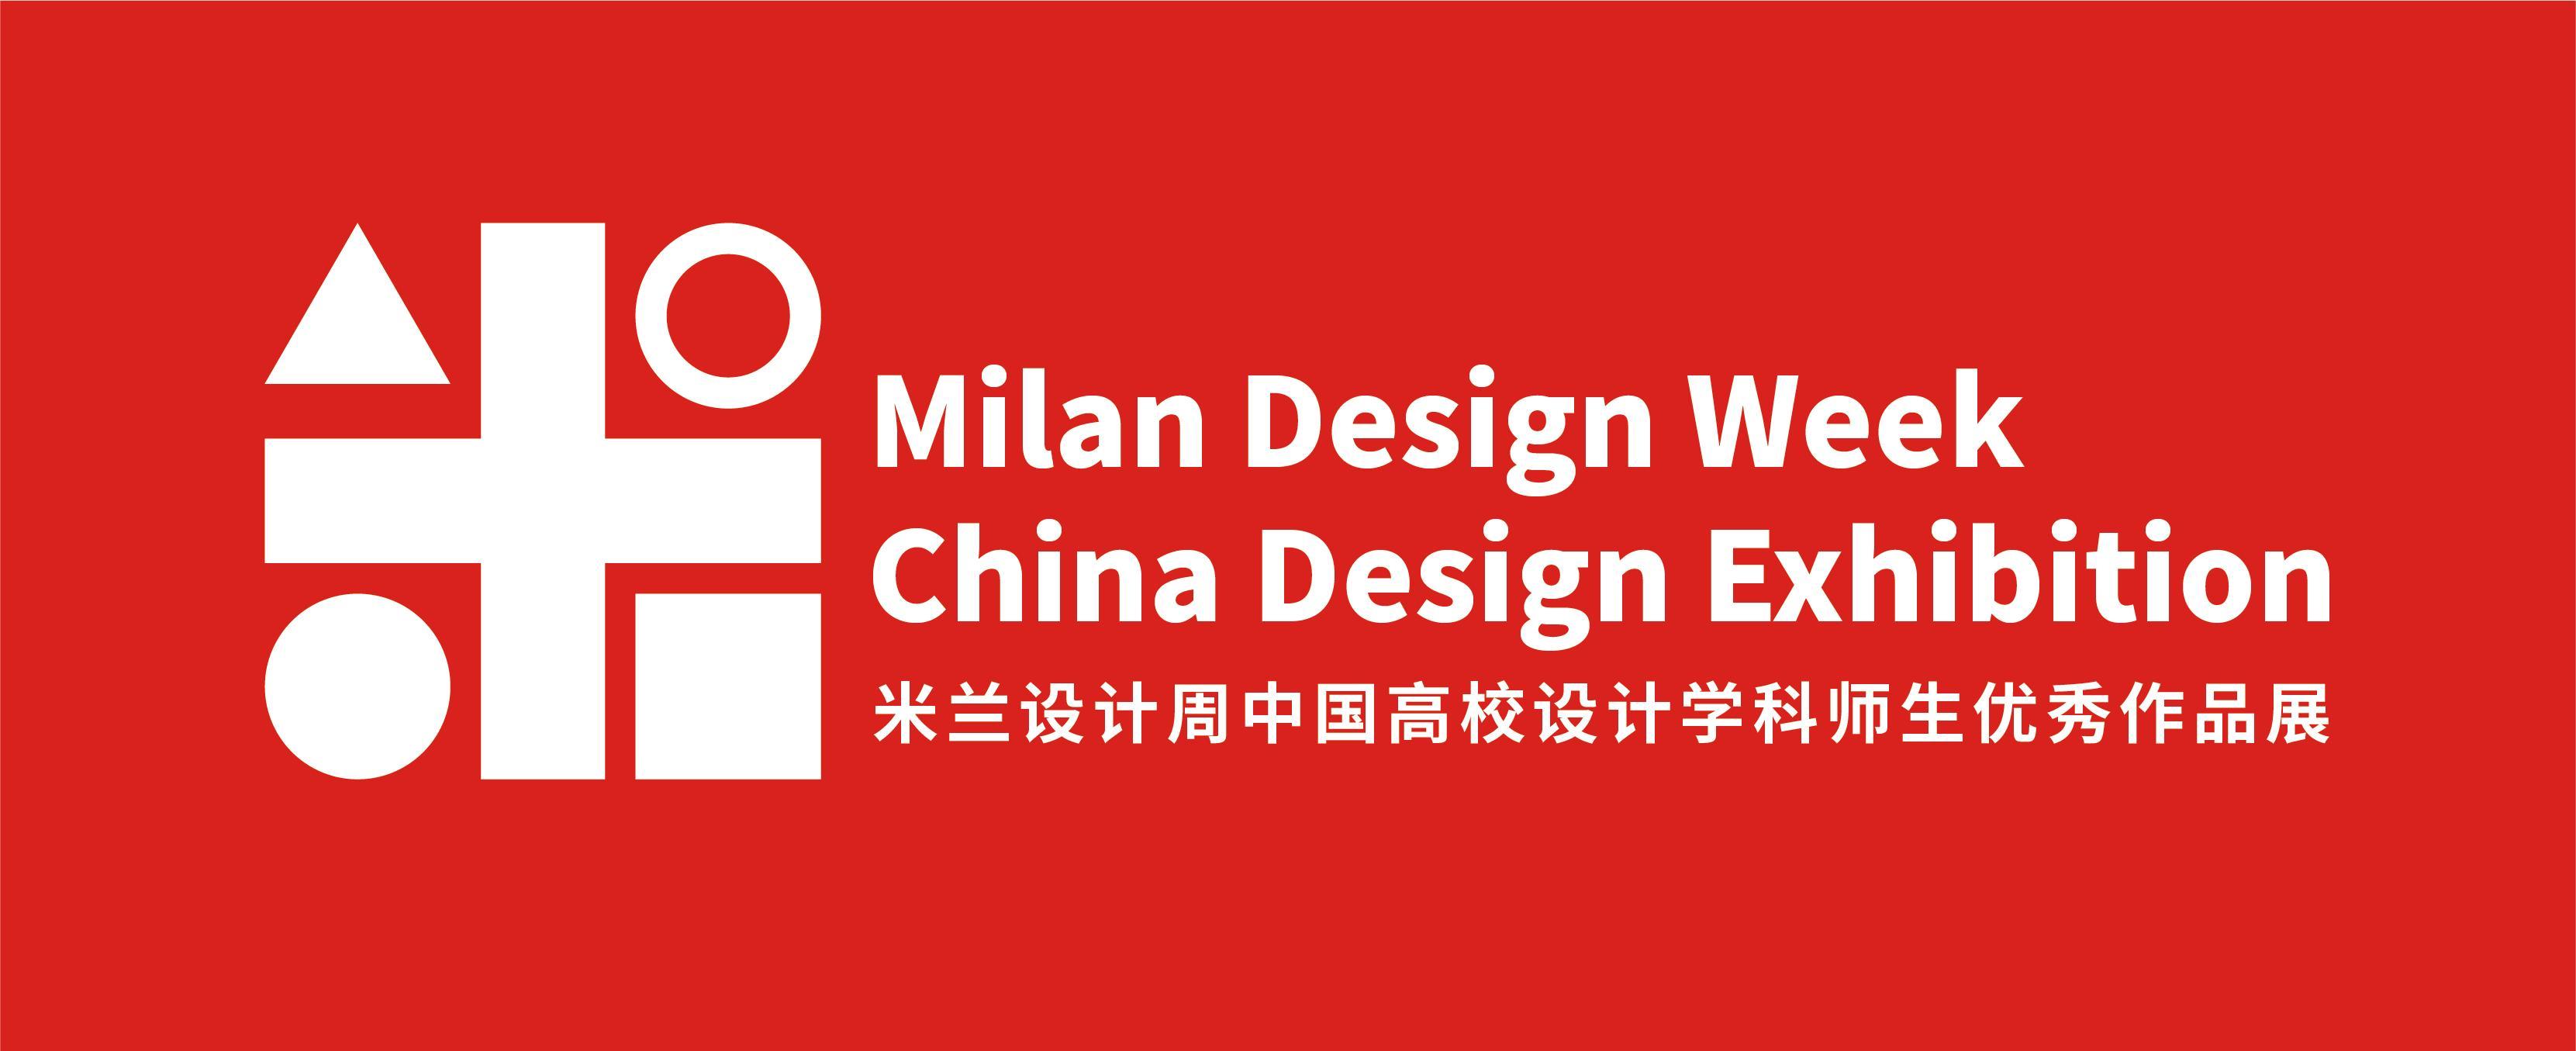 米兰设计周高校展形象IP设计